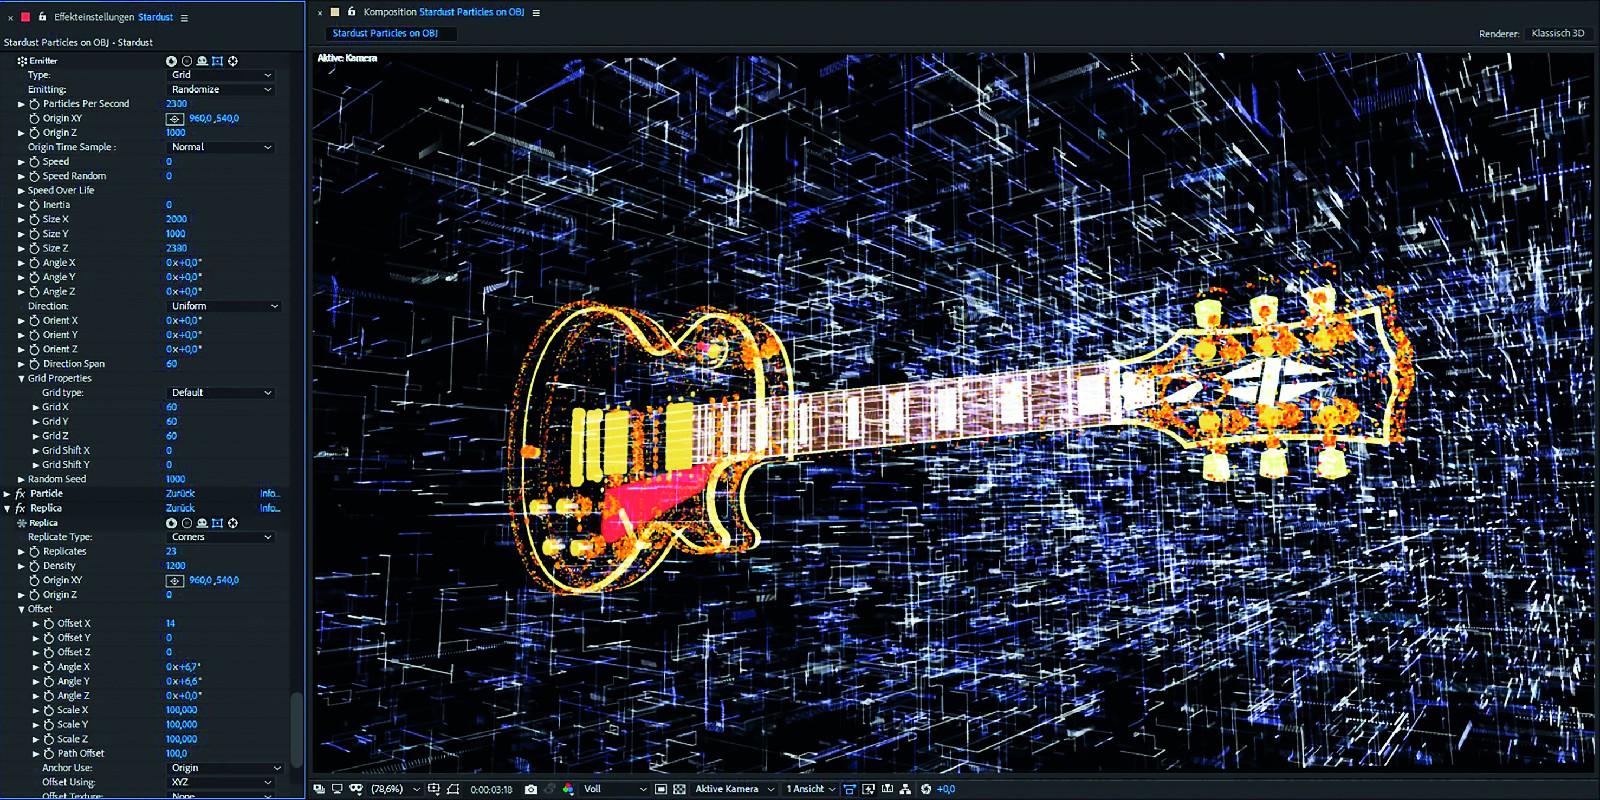 Das Gitarren-.obj als 3D-Objekt und als Partikelemitter. Im Hintergrund ein mit dem Corners Replicator erstelltes Gitter-Array.